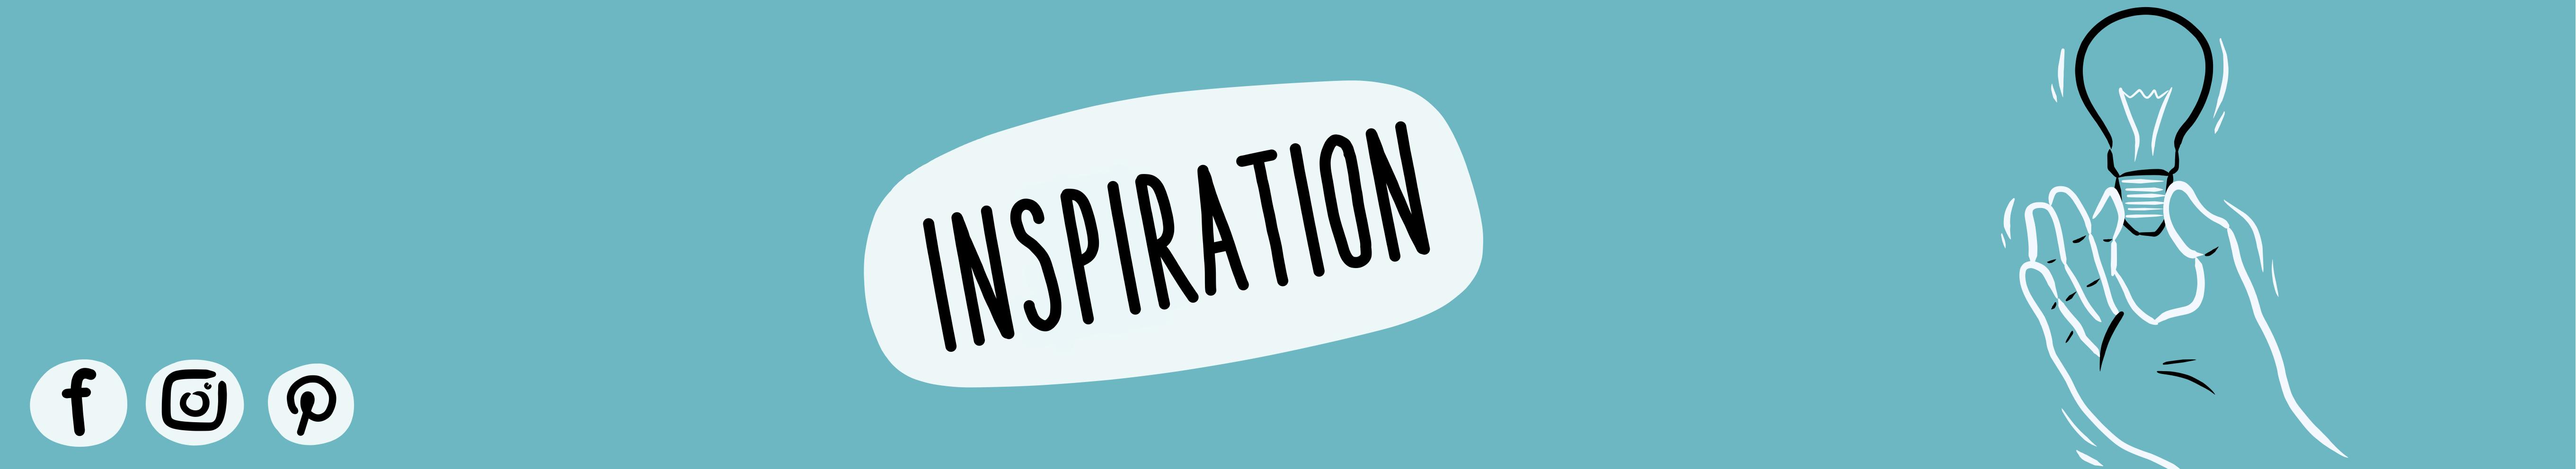 Headerbild Inspiration | handundstift.de - Der kreative Blog rund um digitale Illustration aus Potsdam